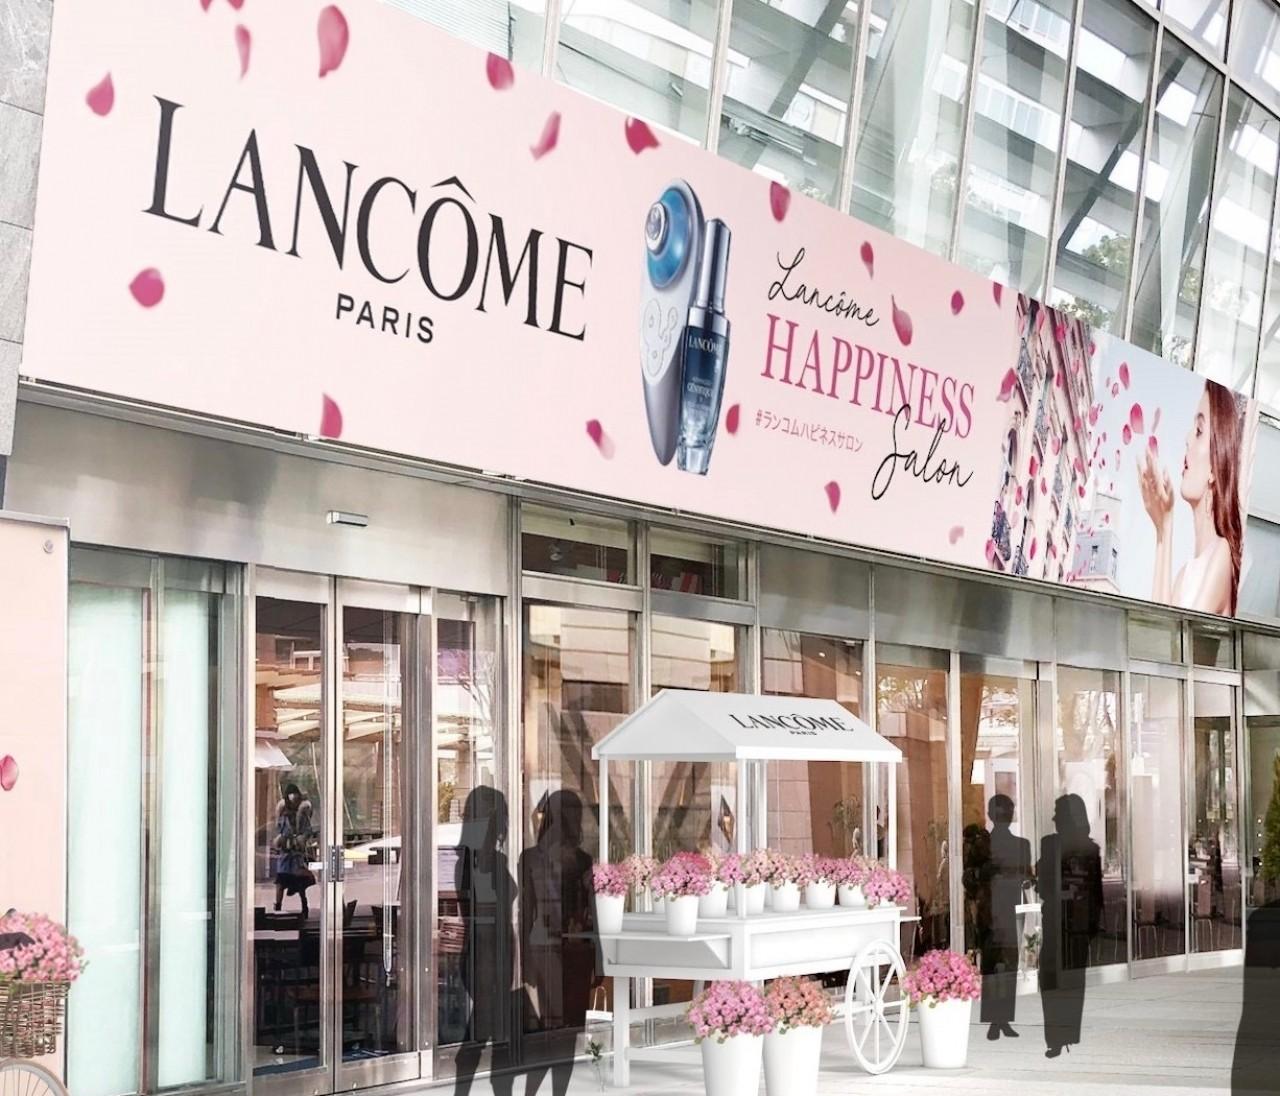 ランコムの期間限定イベント「ランコム ハピネス サロン」六本木ヒルズにオープン!